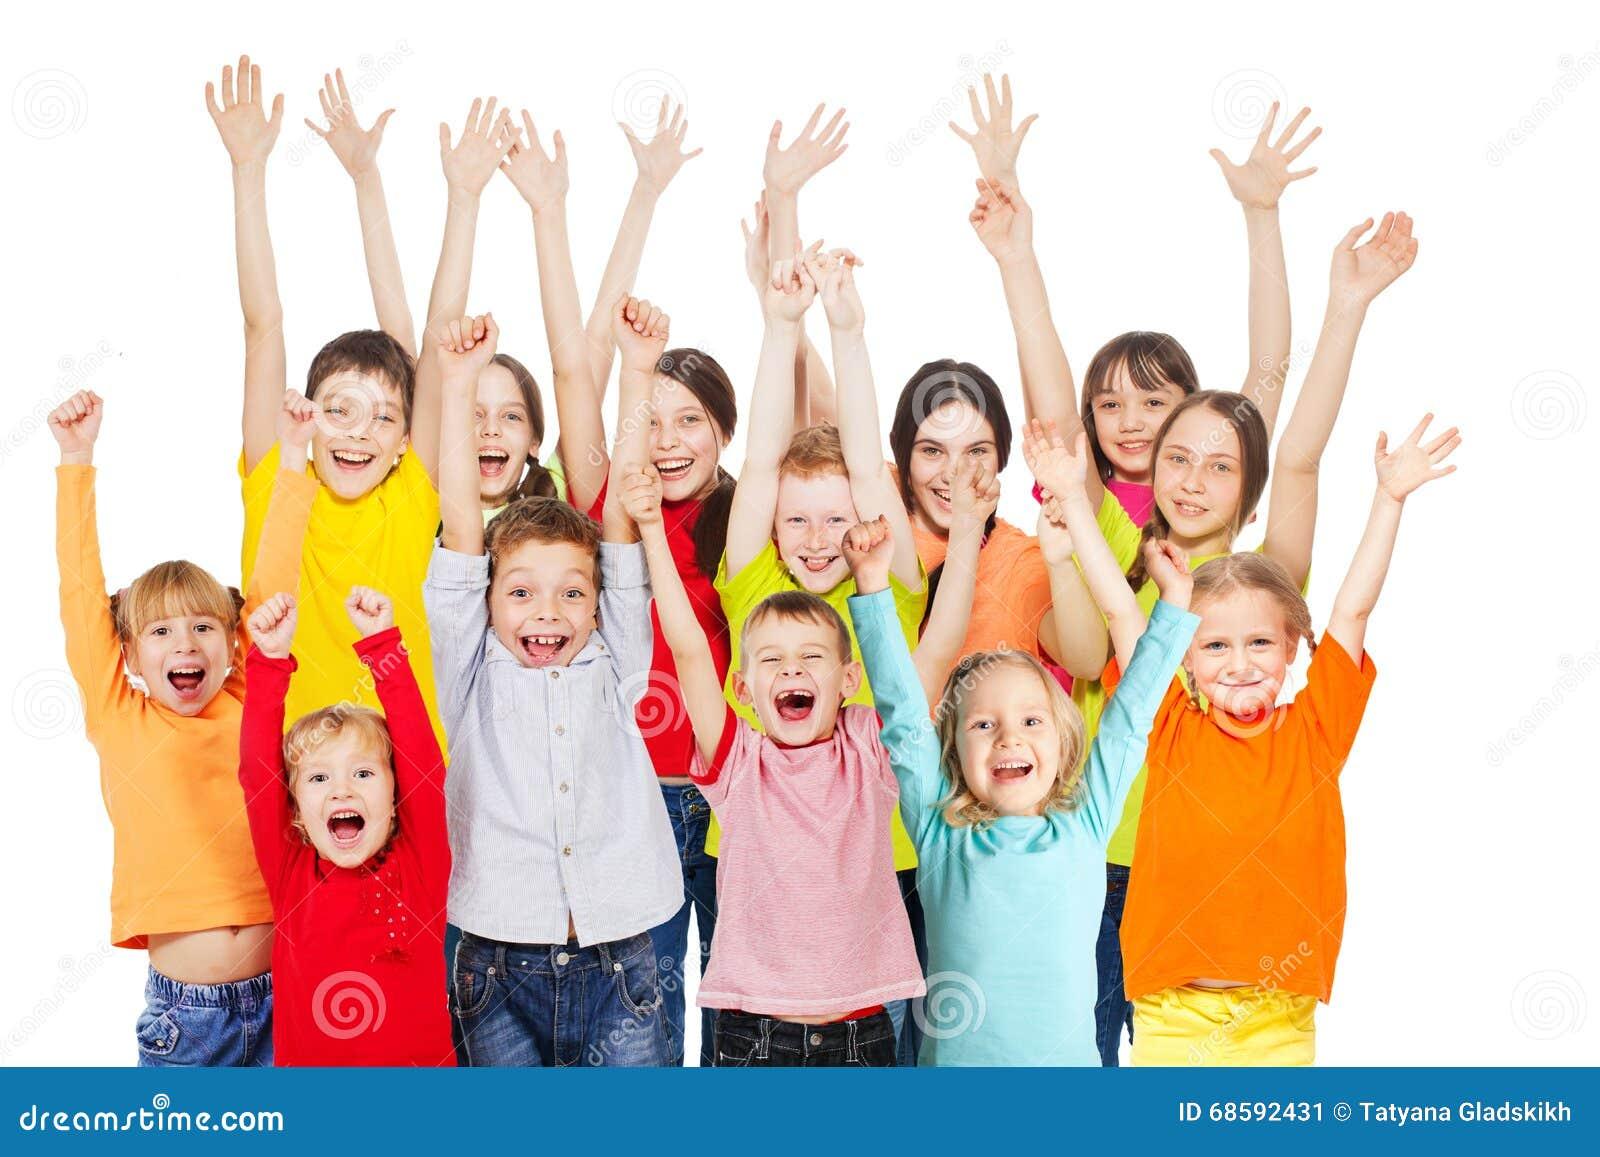 Meninos E Meninas De Nacionalidades Diferentes Childre: Grupo De Crianças Felizes De Idades Diferentes Foto De